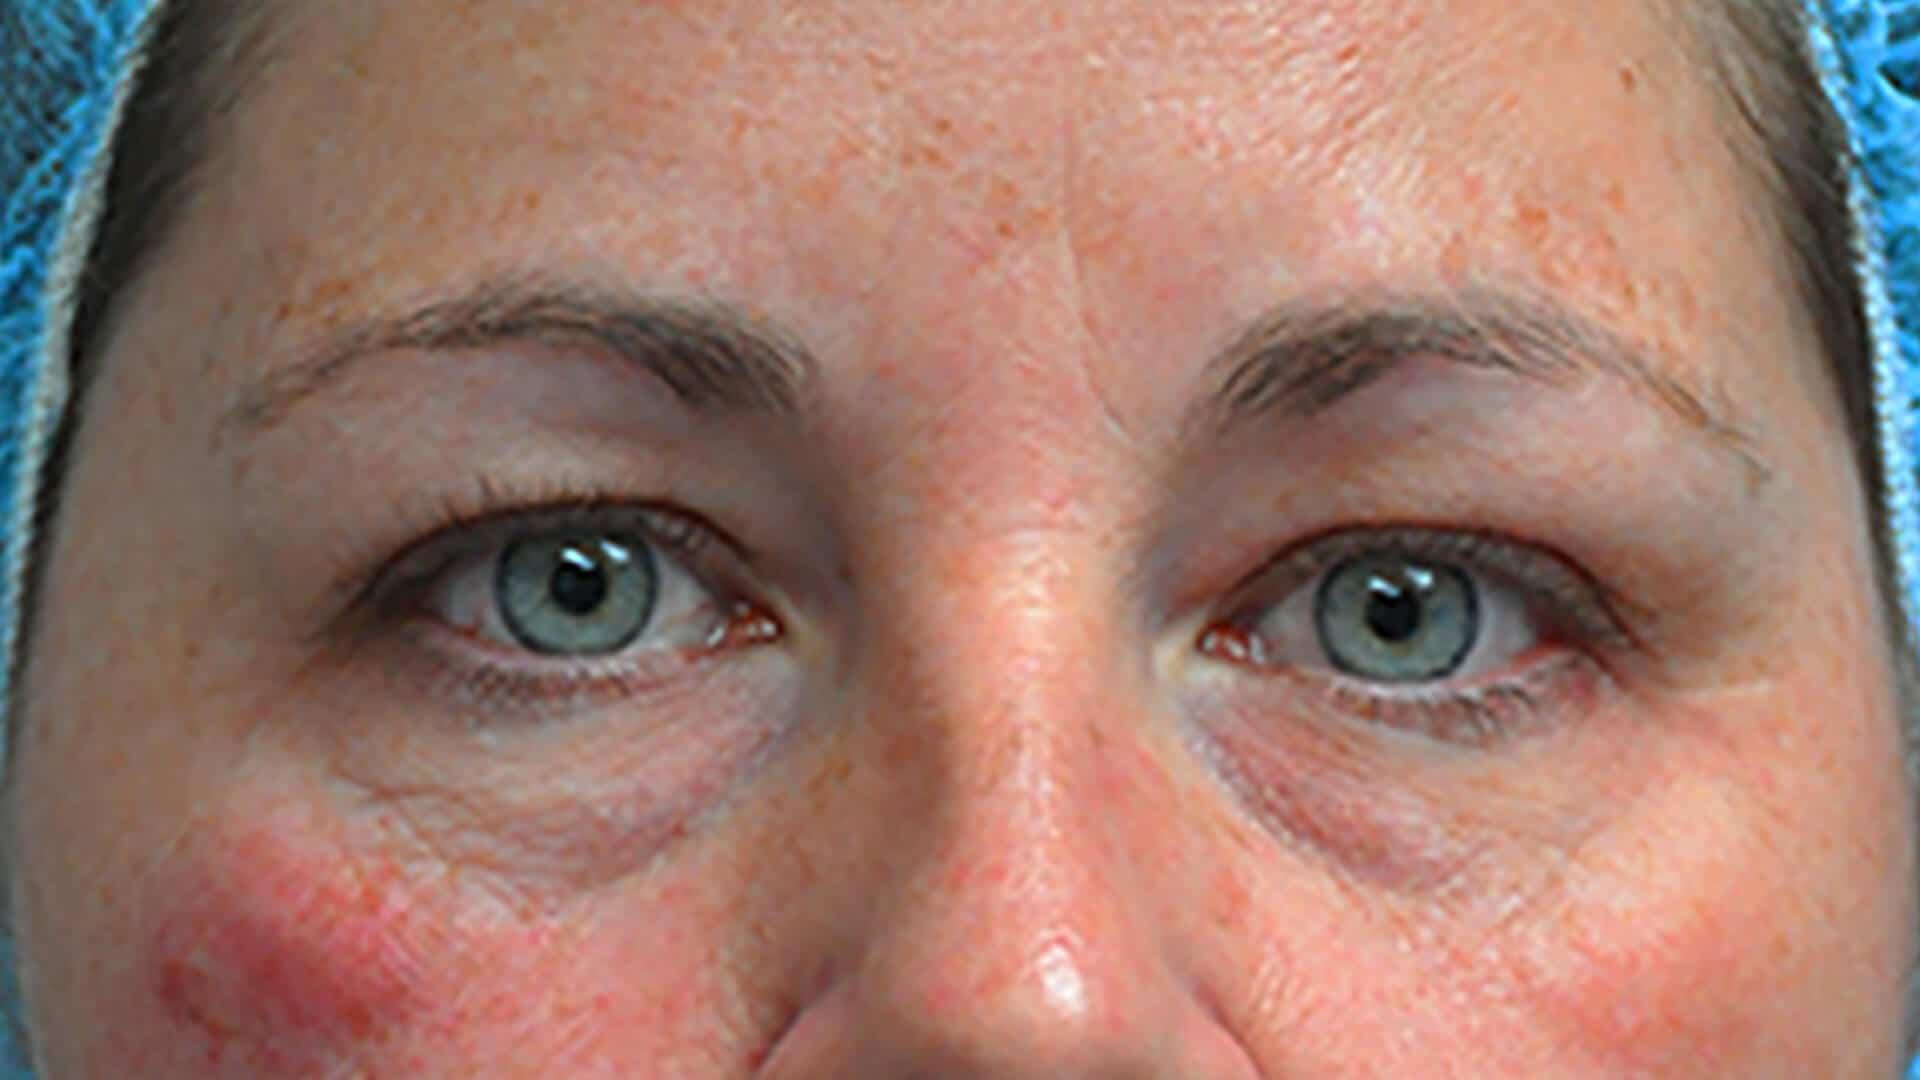 Before: Blepharoplasty – CASE #62517